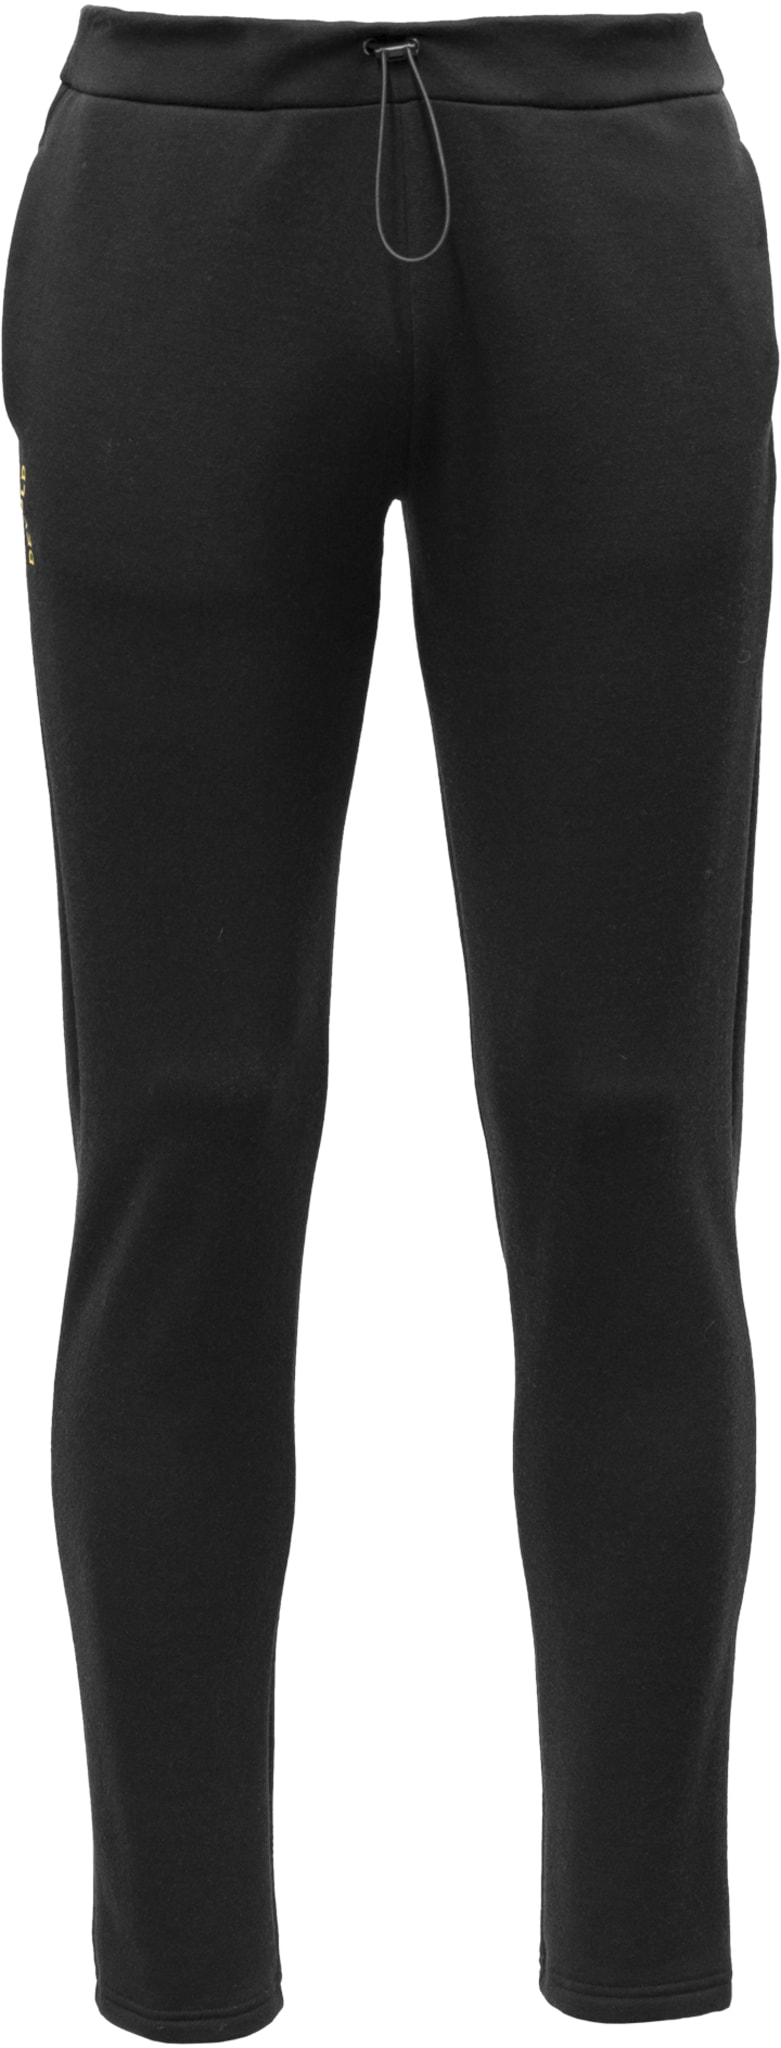 Lett bukse i merinoull til mellomlag- eller fritidsbruk